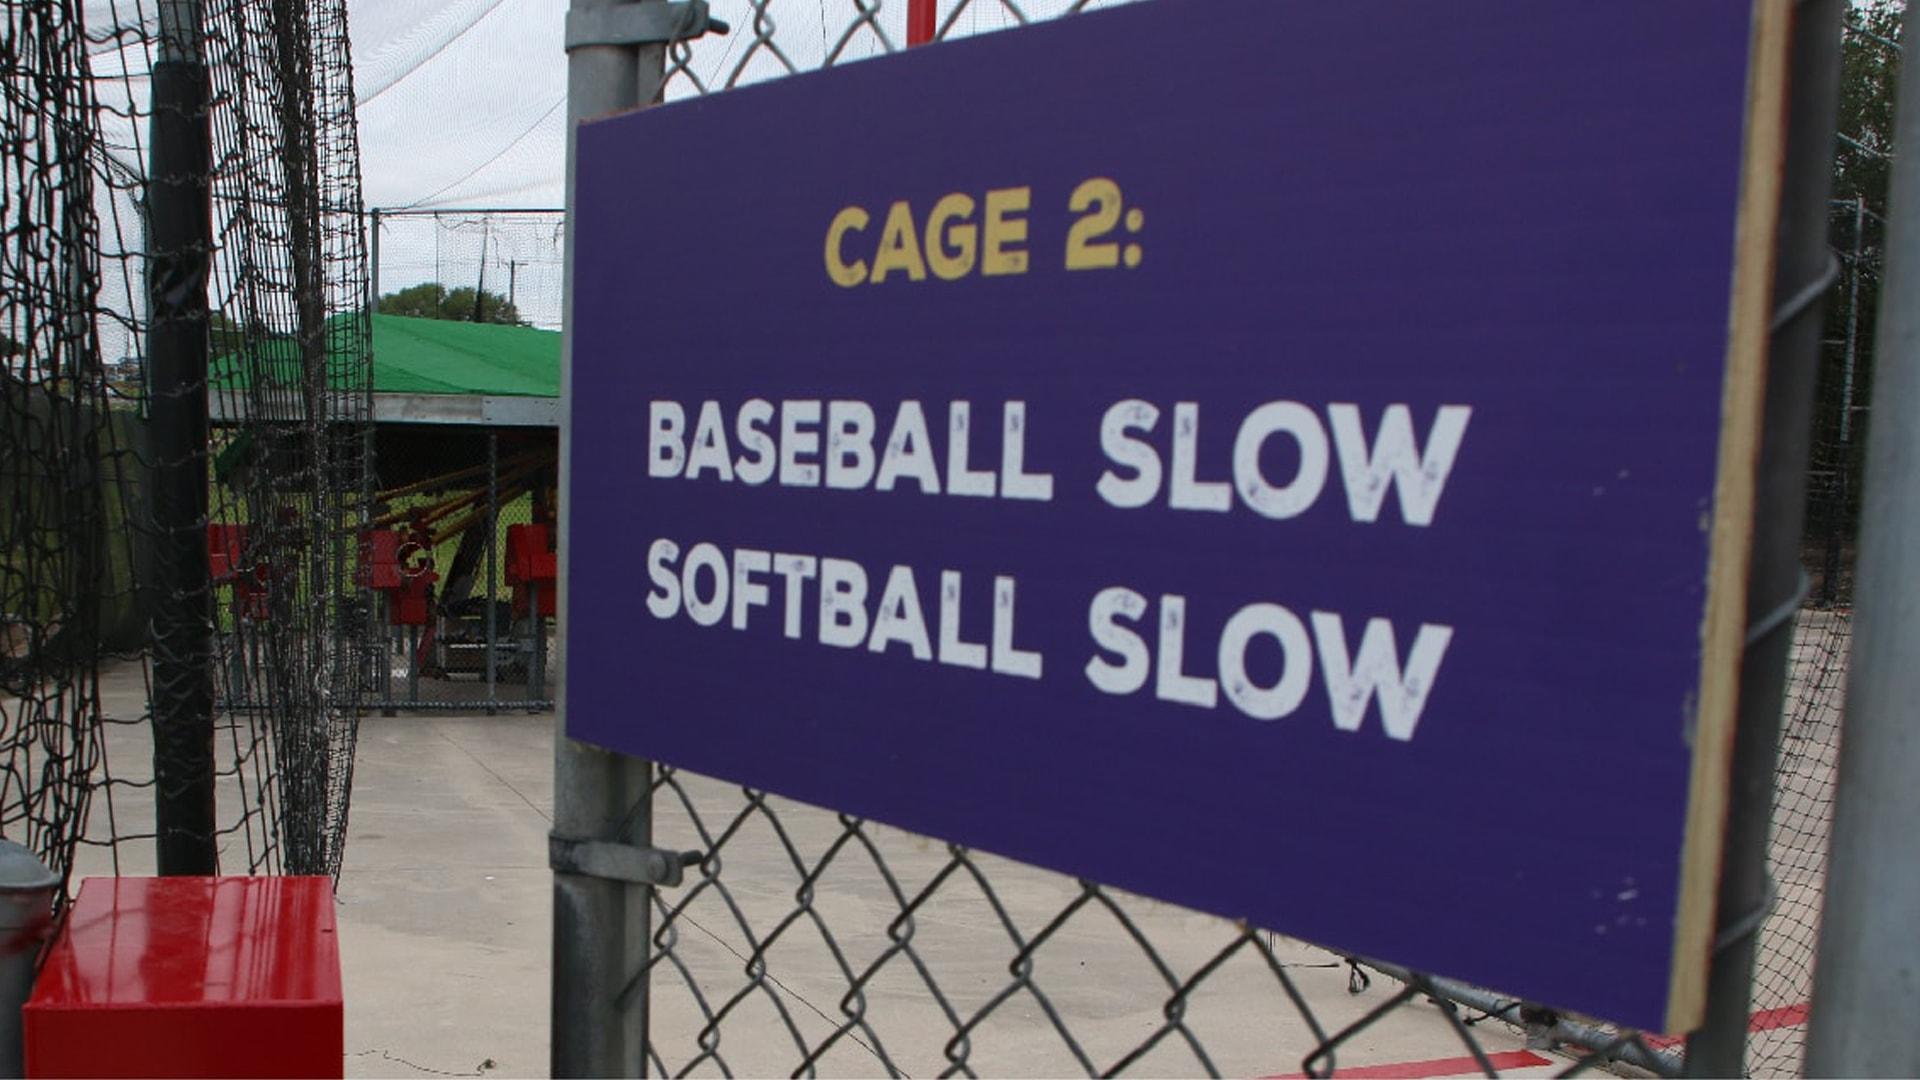 baseball and softball cages